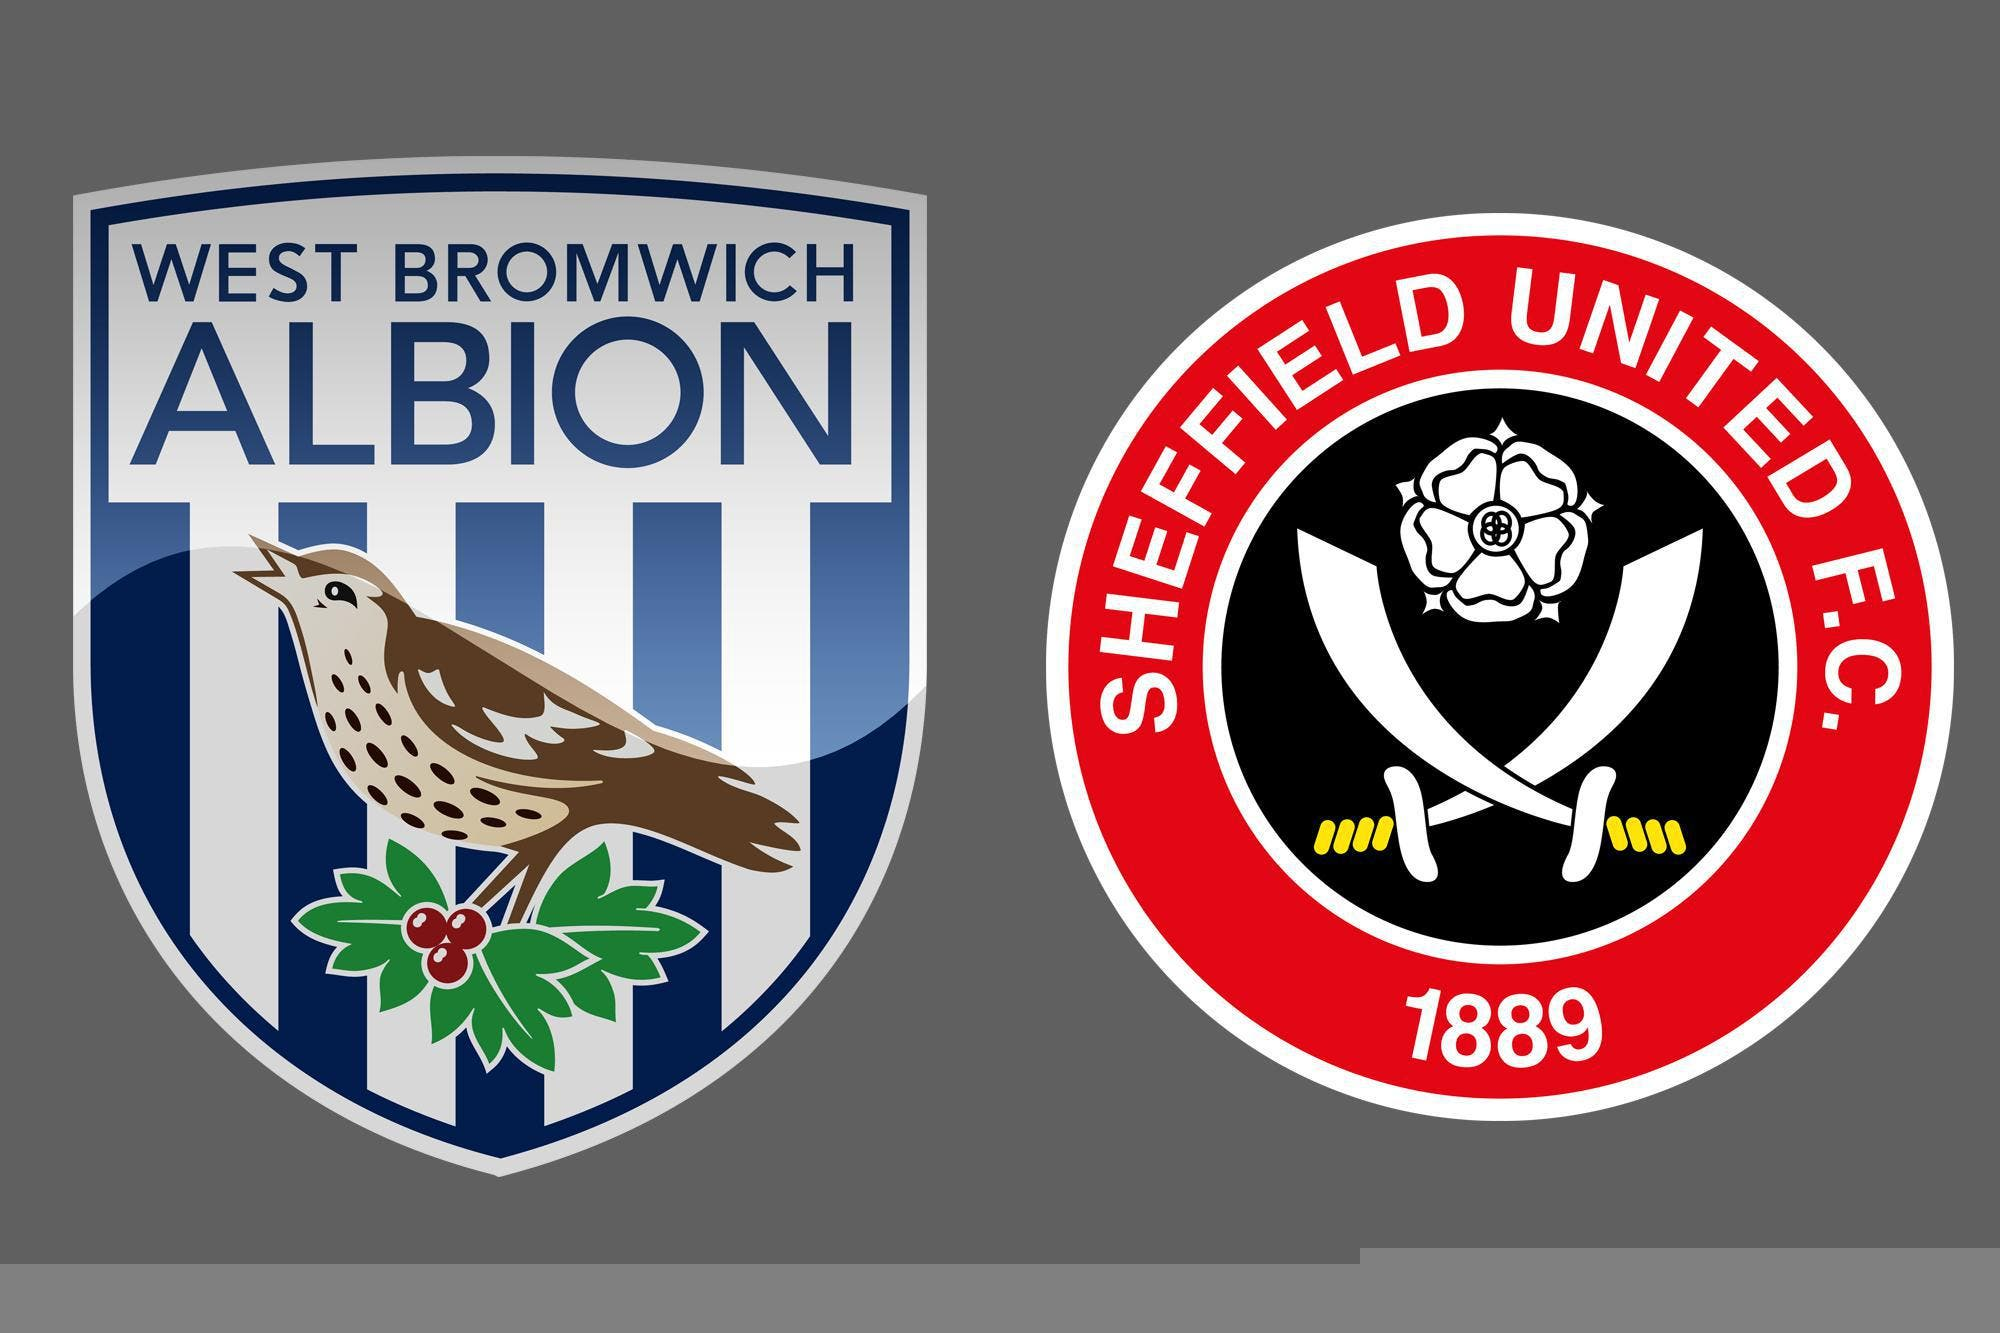 Premier League de Inglaterra: West Bromwich Albion venció por 1-0 a Sheffield United como local